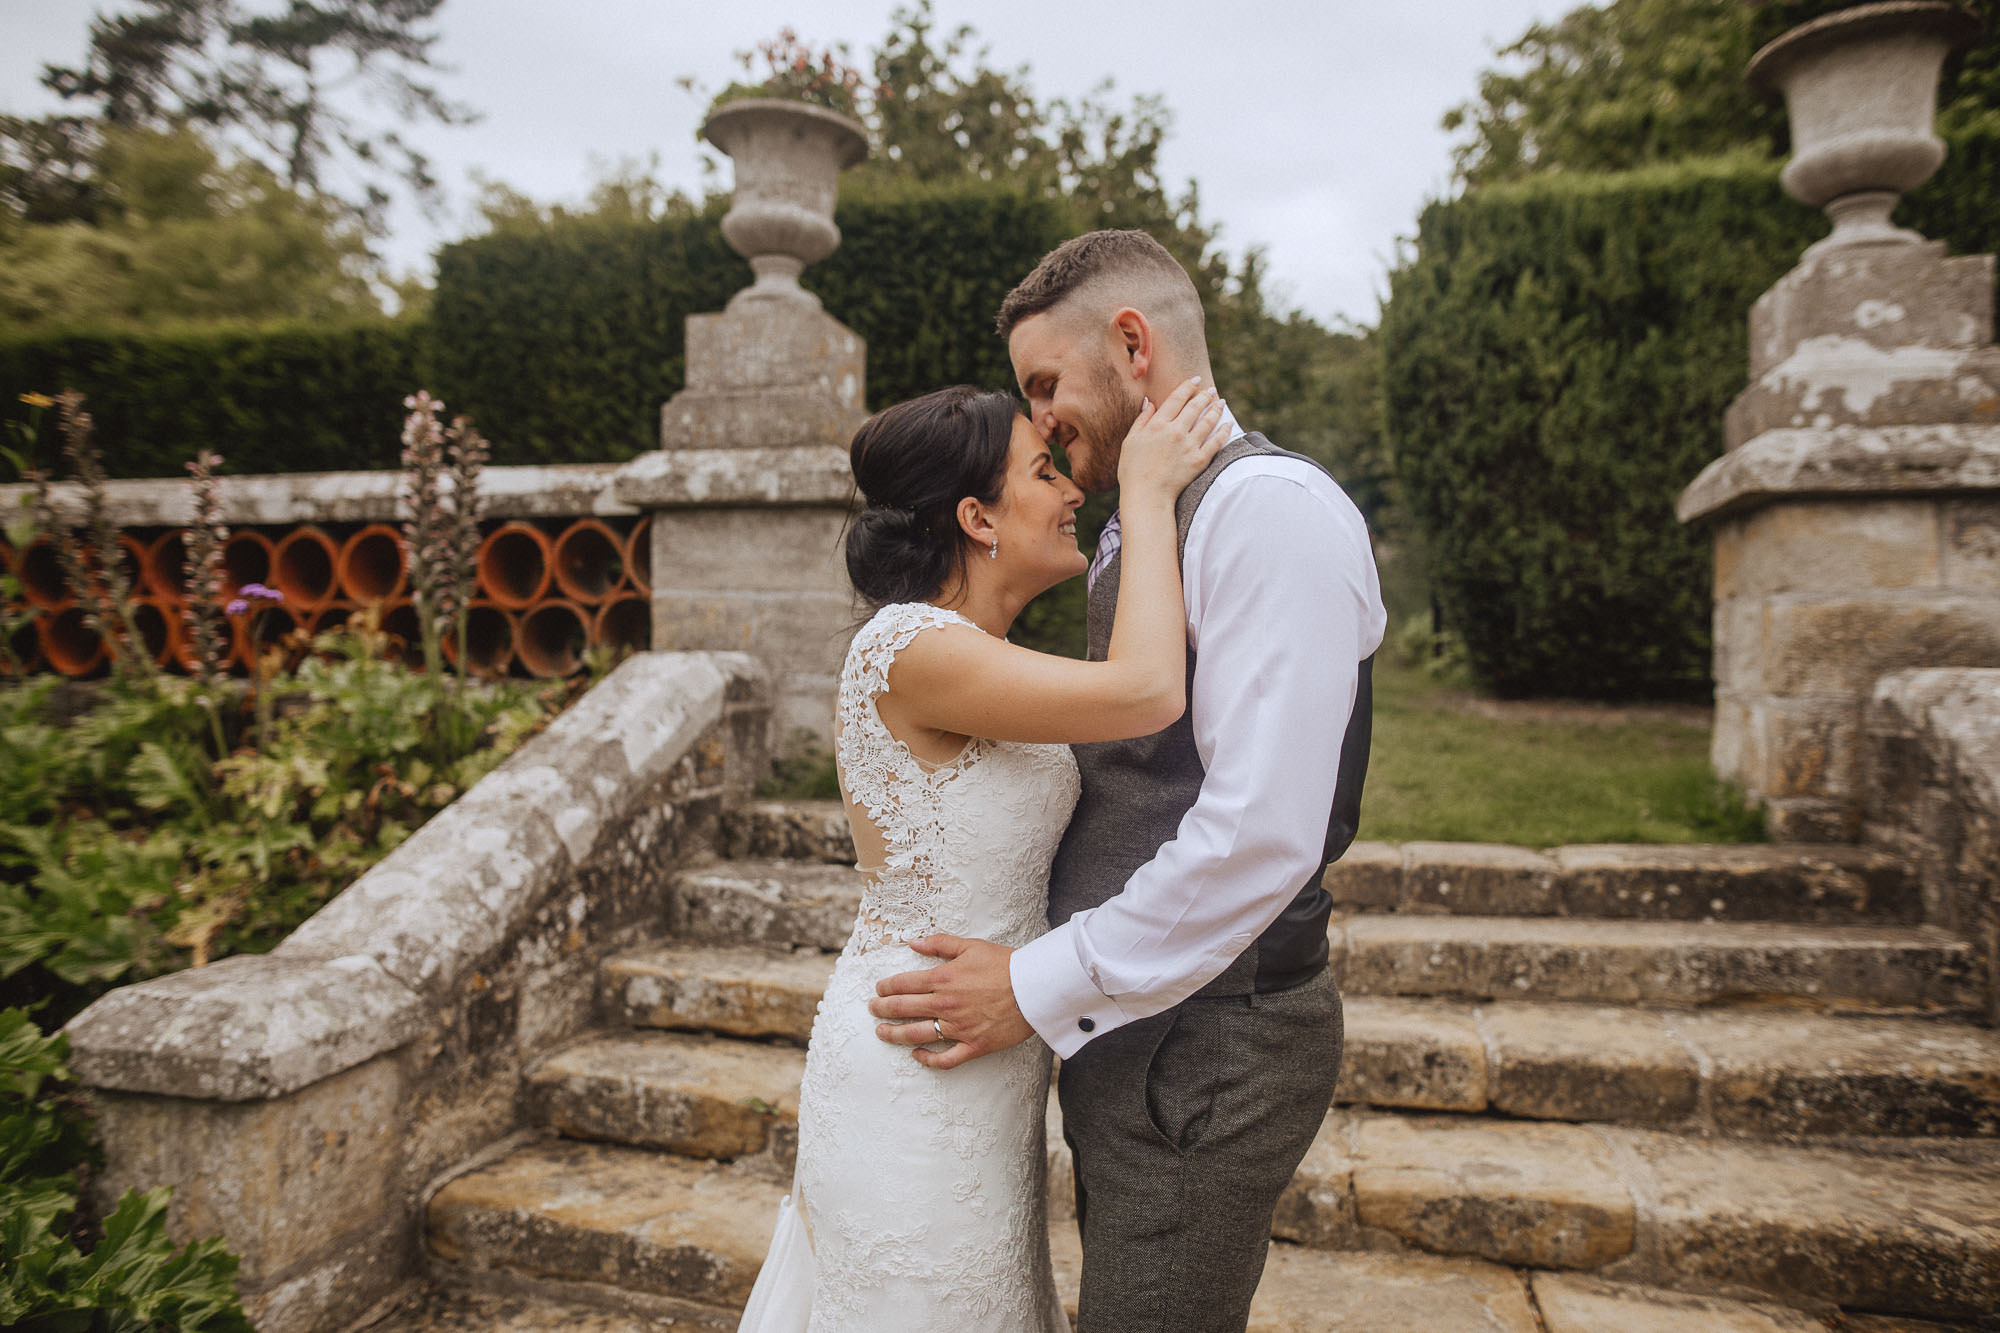 Groombridge-place-wedding-photography-93.jpg